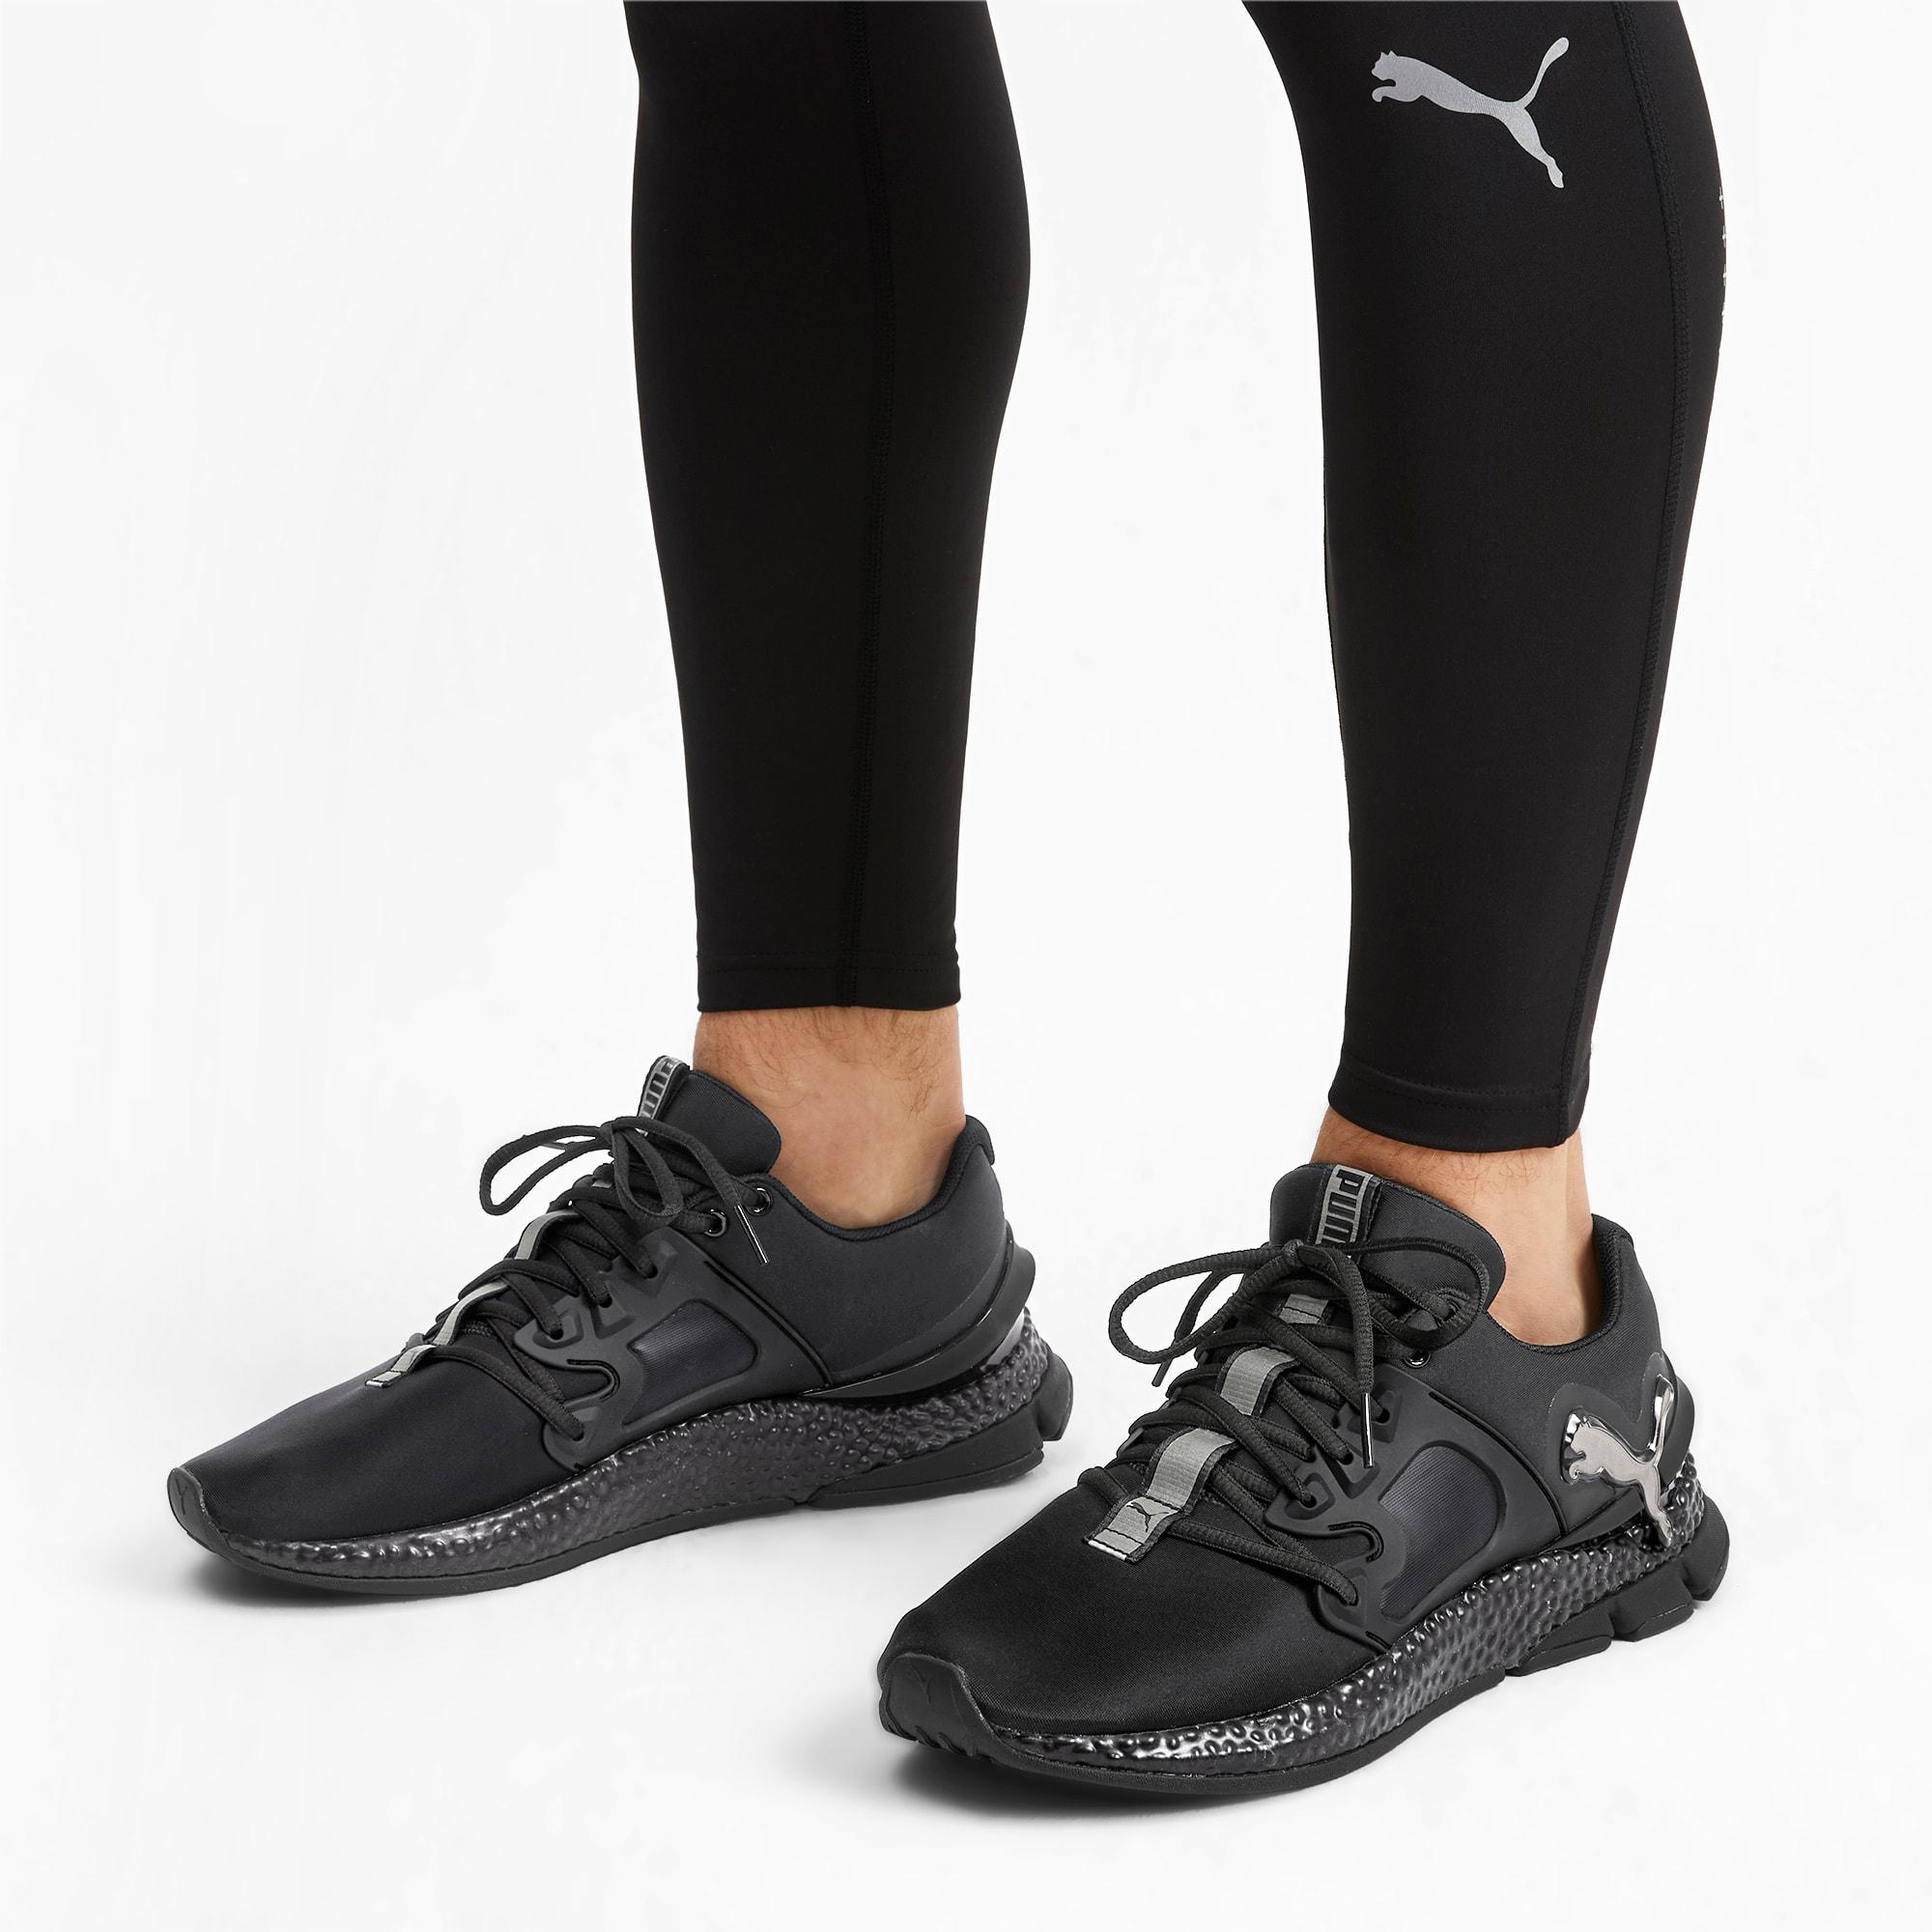 HYBRID Sky Rave Men's Running Shoes